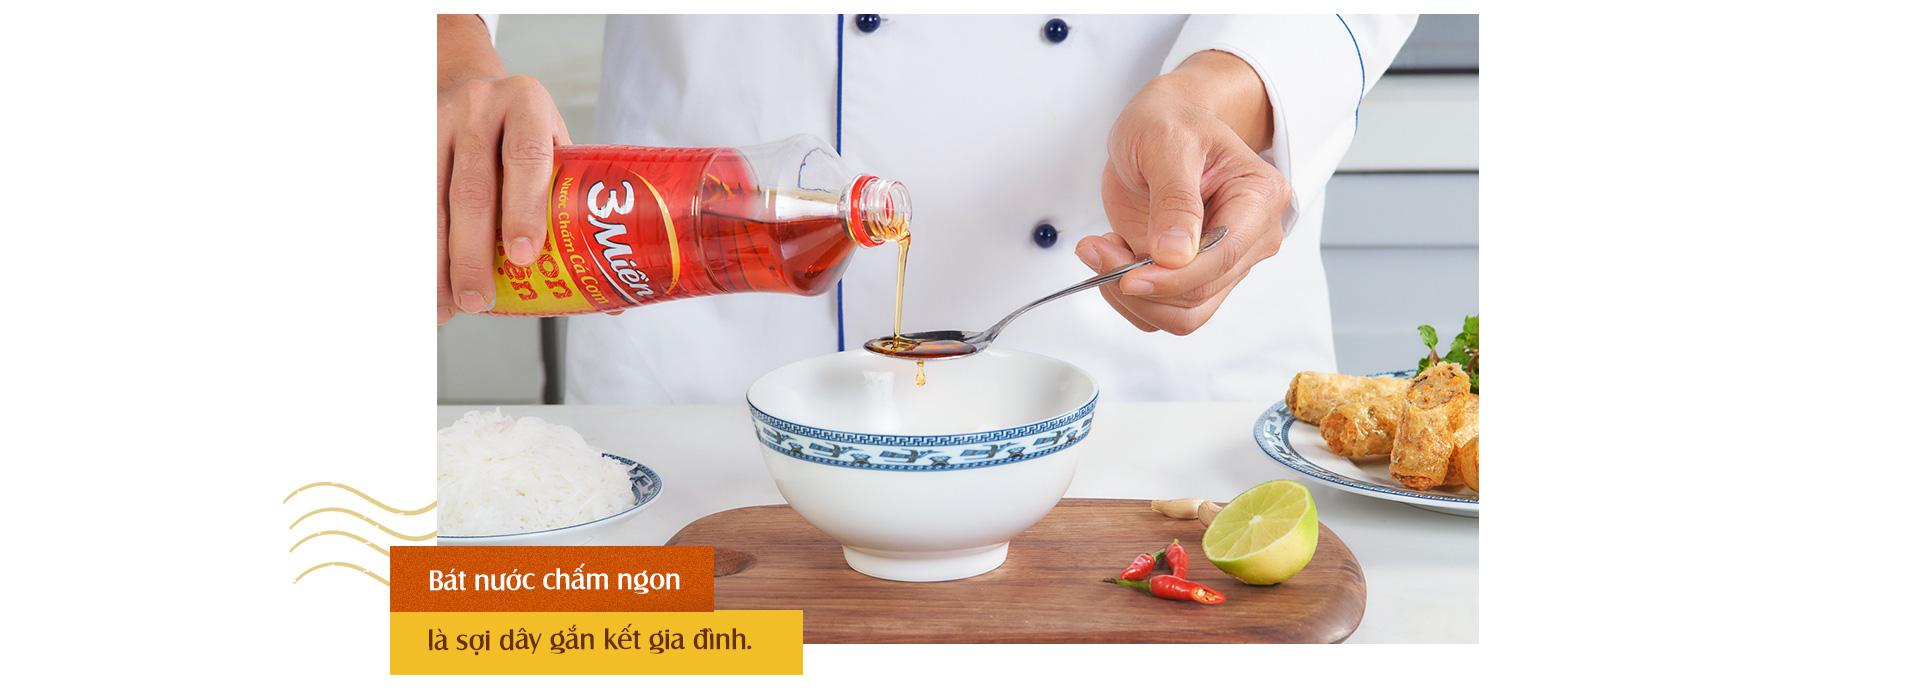 Nước mắm - gói trọn tinh túy ẩm thực Việt trong chiếc chén nhỏ gắn kết bao thế hệ gia đình - Ảnh 7.